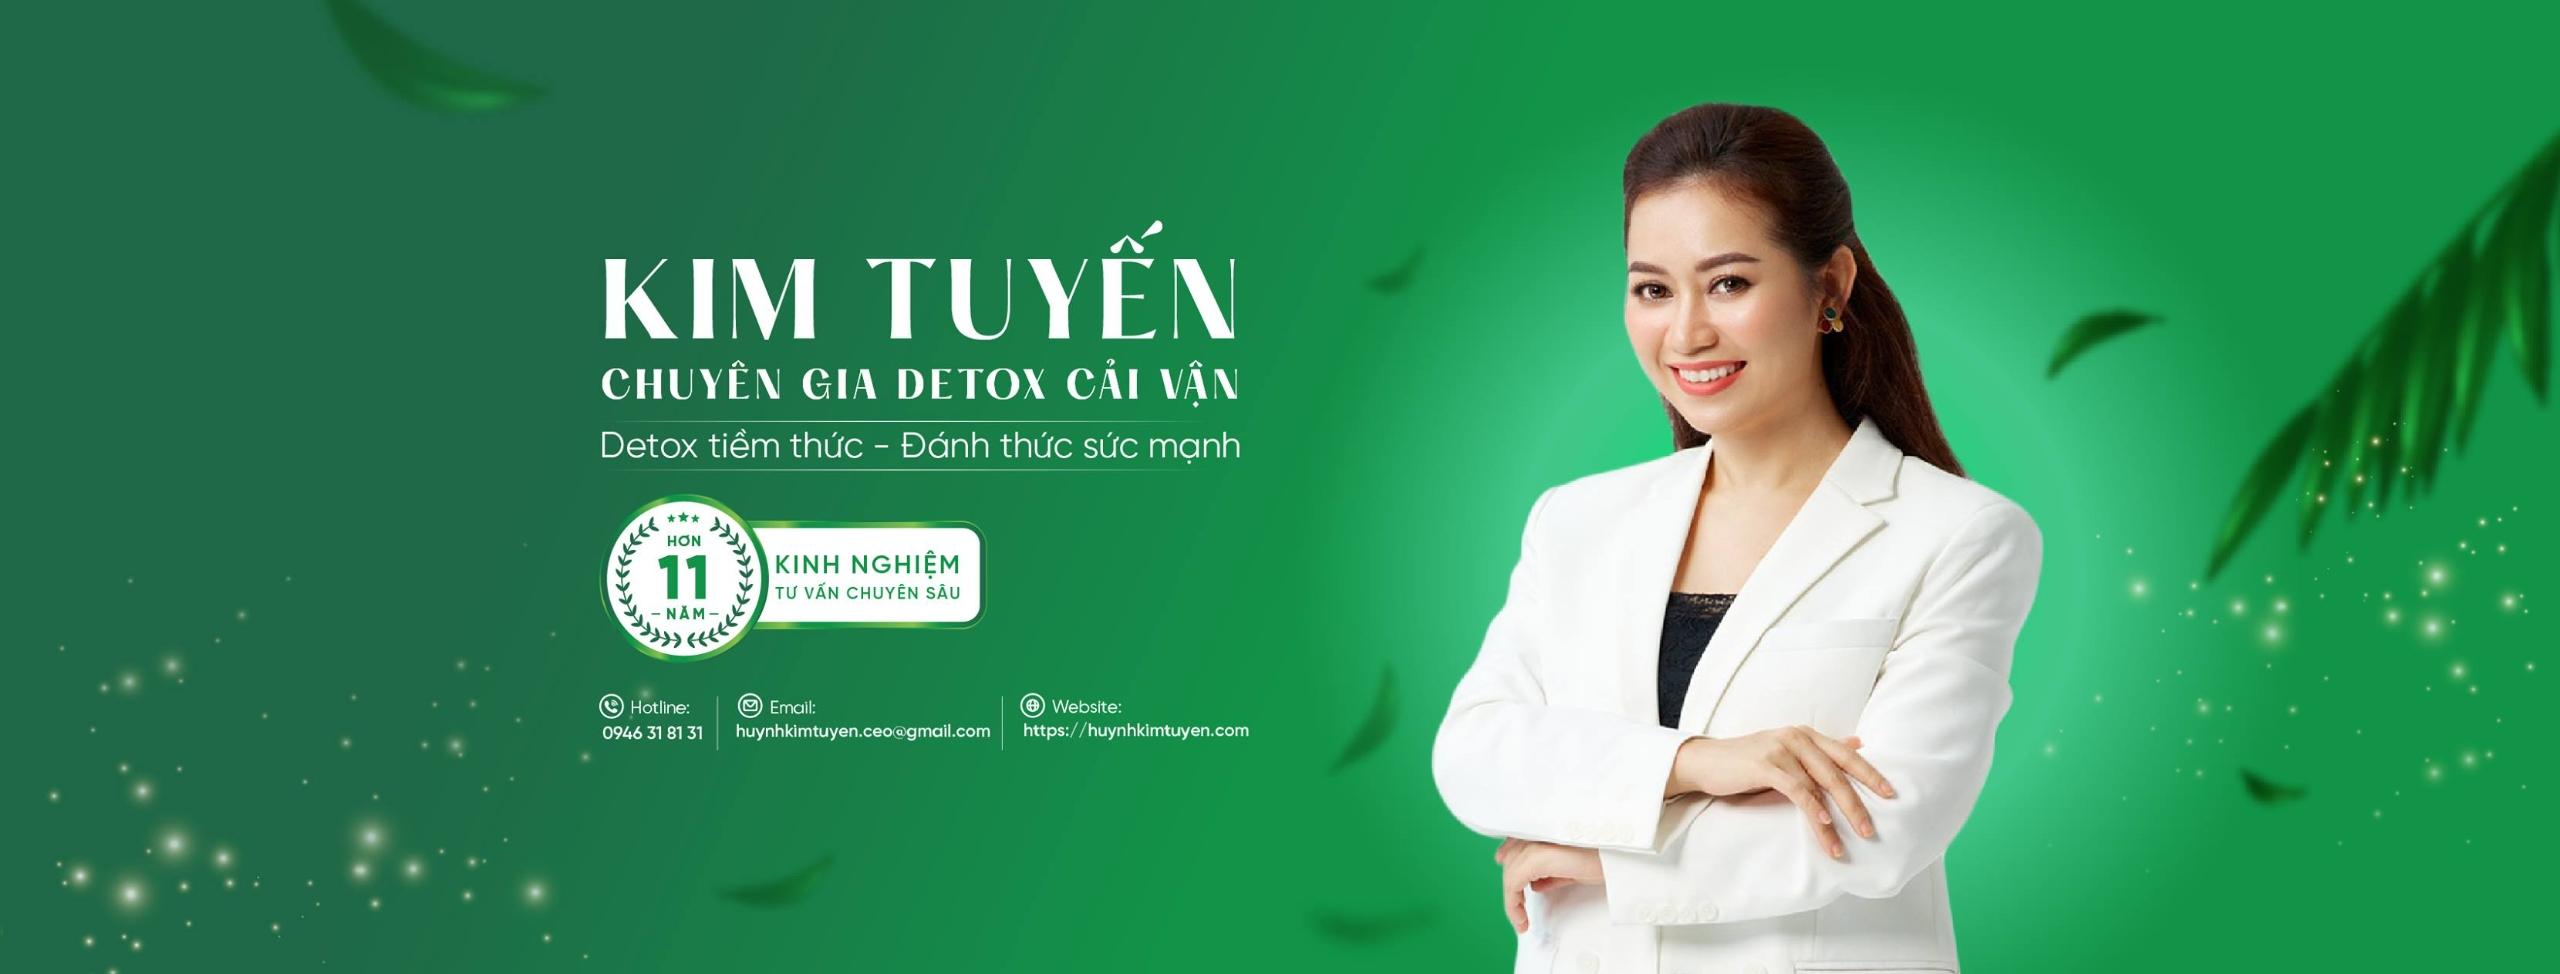 Kim Tuyến chuyên gia Detox cải vận (@huynhkimtuyen) Cover Image